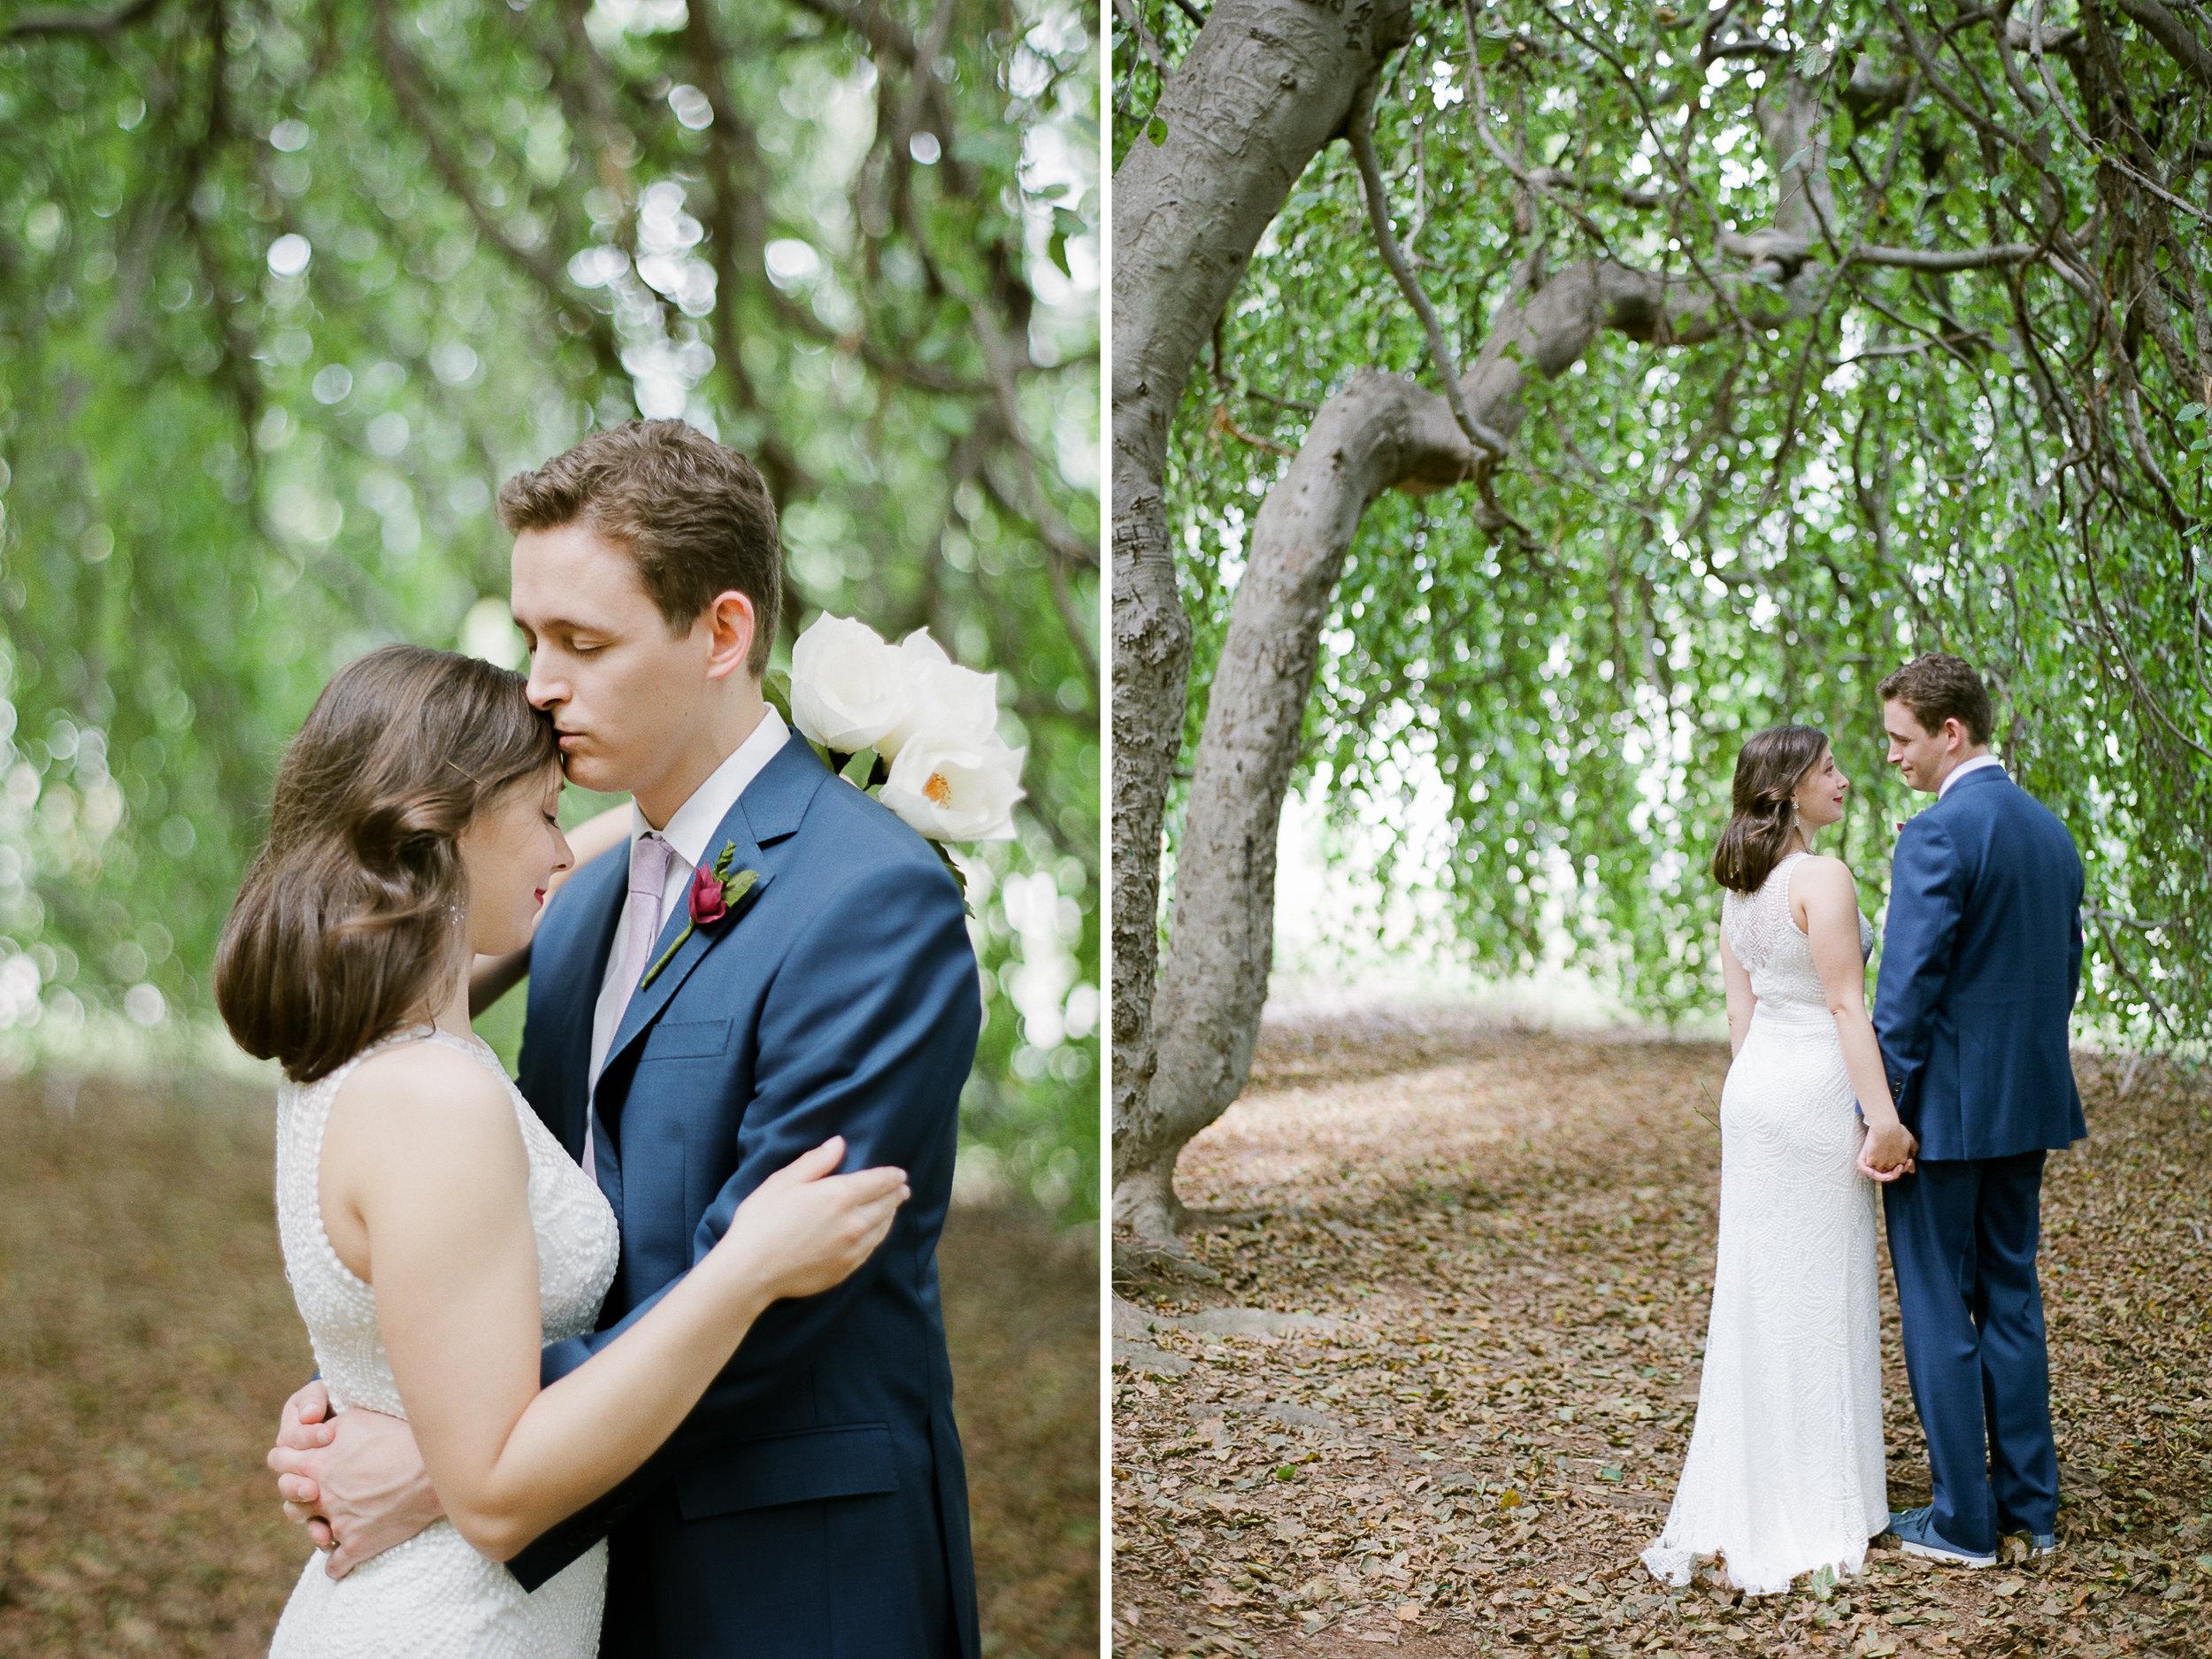 Backyard Wedding in Massachusetts